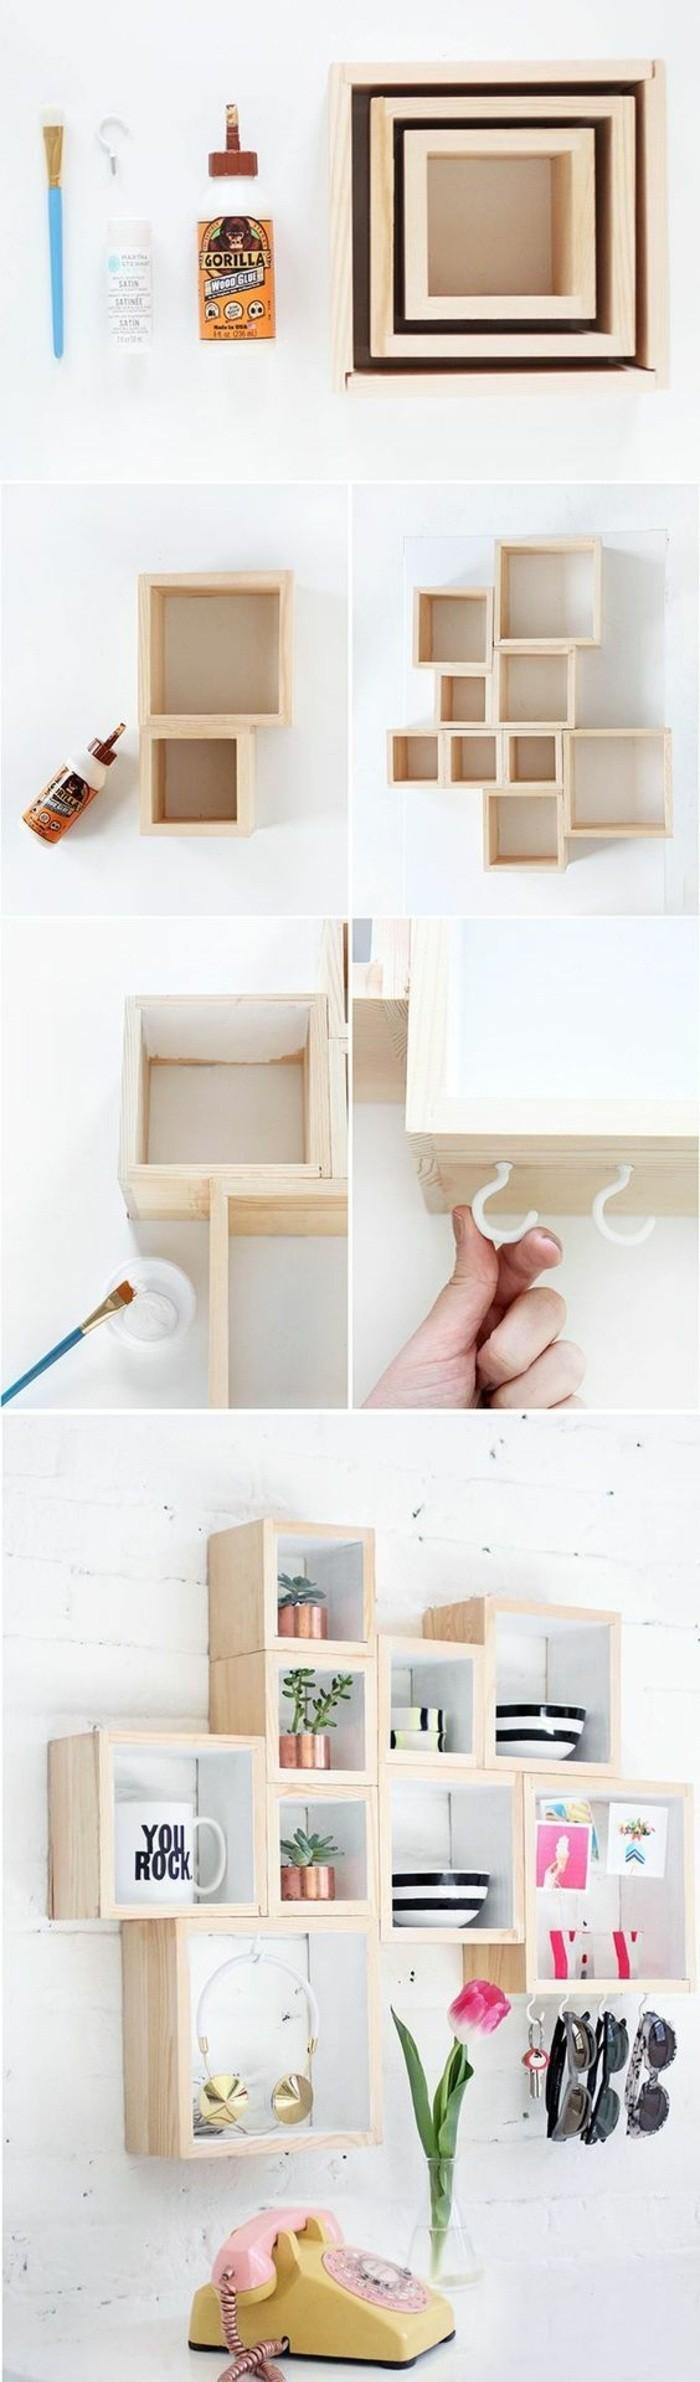 déco murale avec casiers en bois, étagère casiers ouverts, deco murale bois